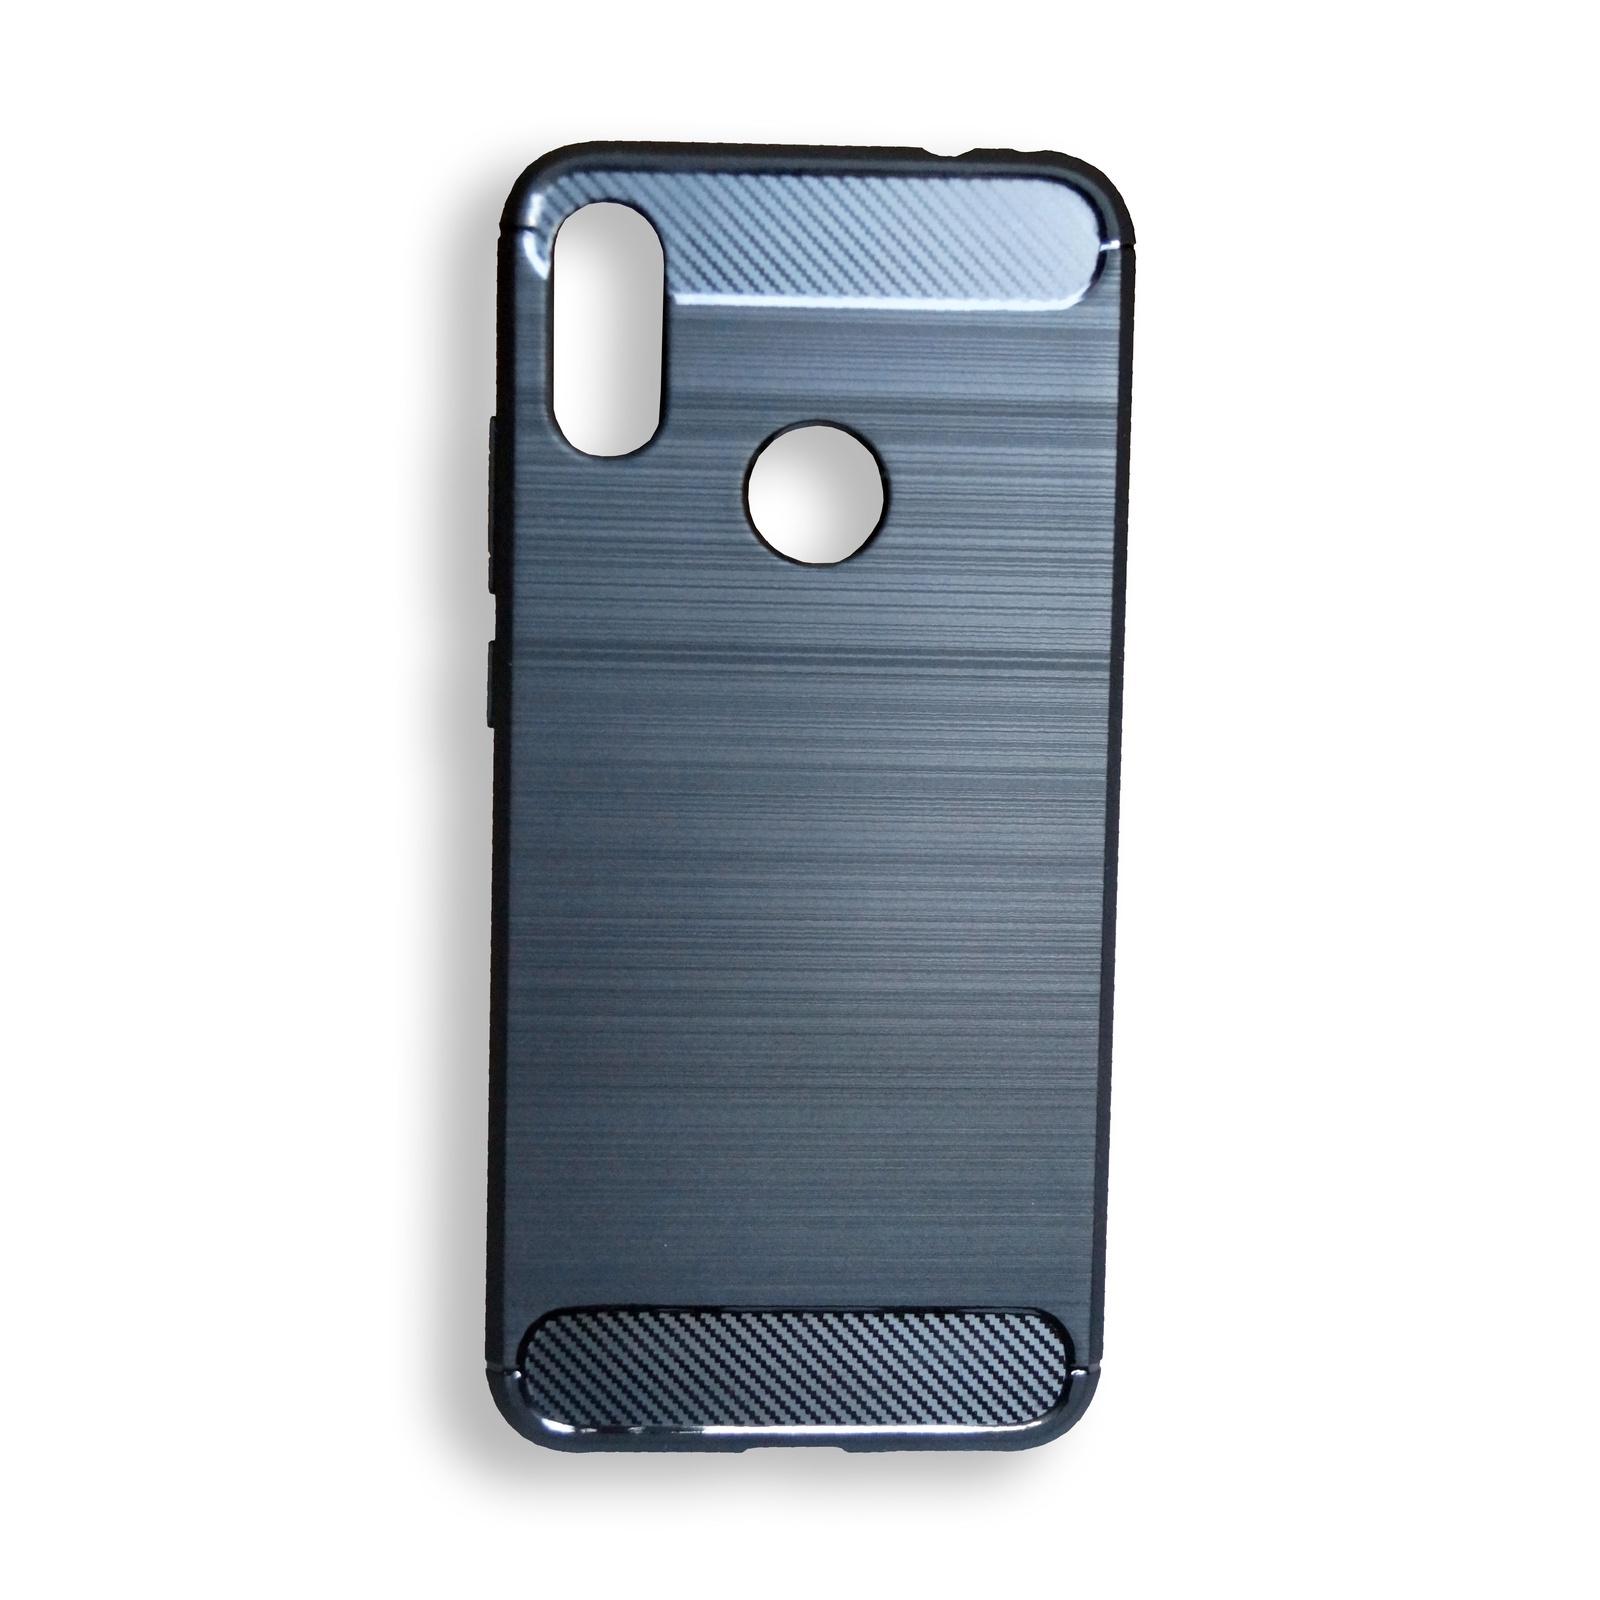 Чехол для сотового телефона Противоударный полиуретановый чехол для Xiaomi Redmi Note 7, черный